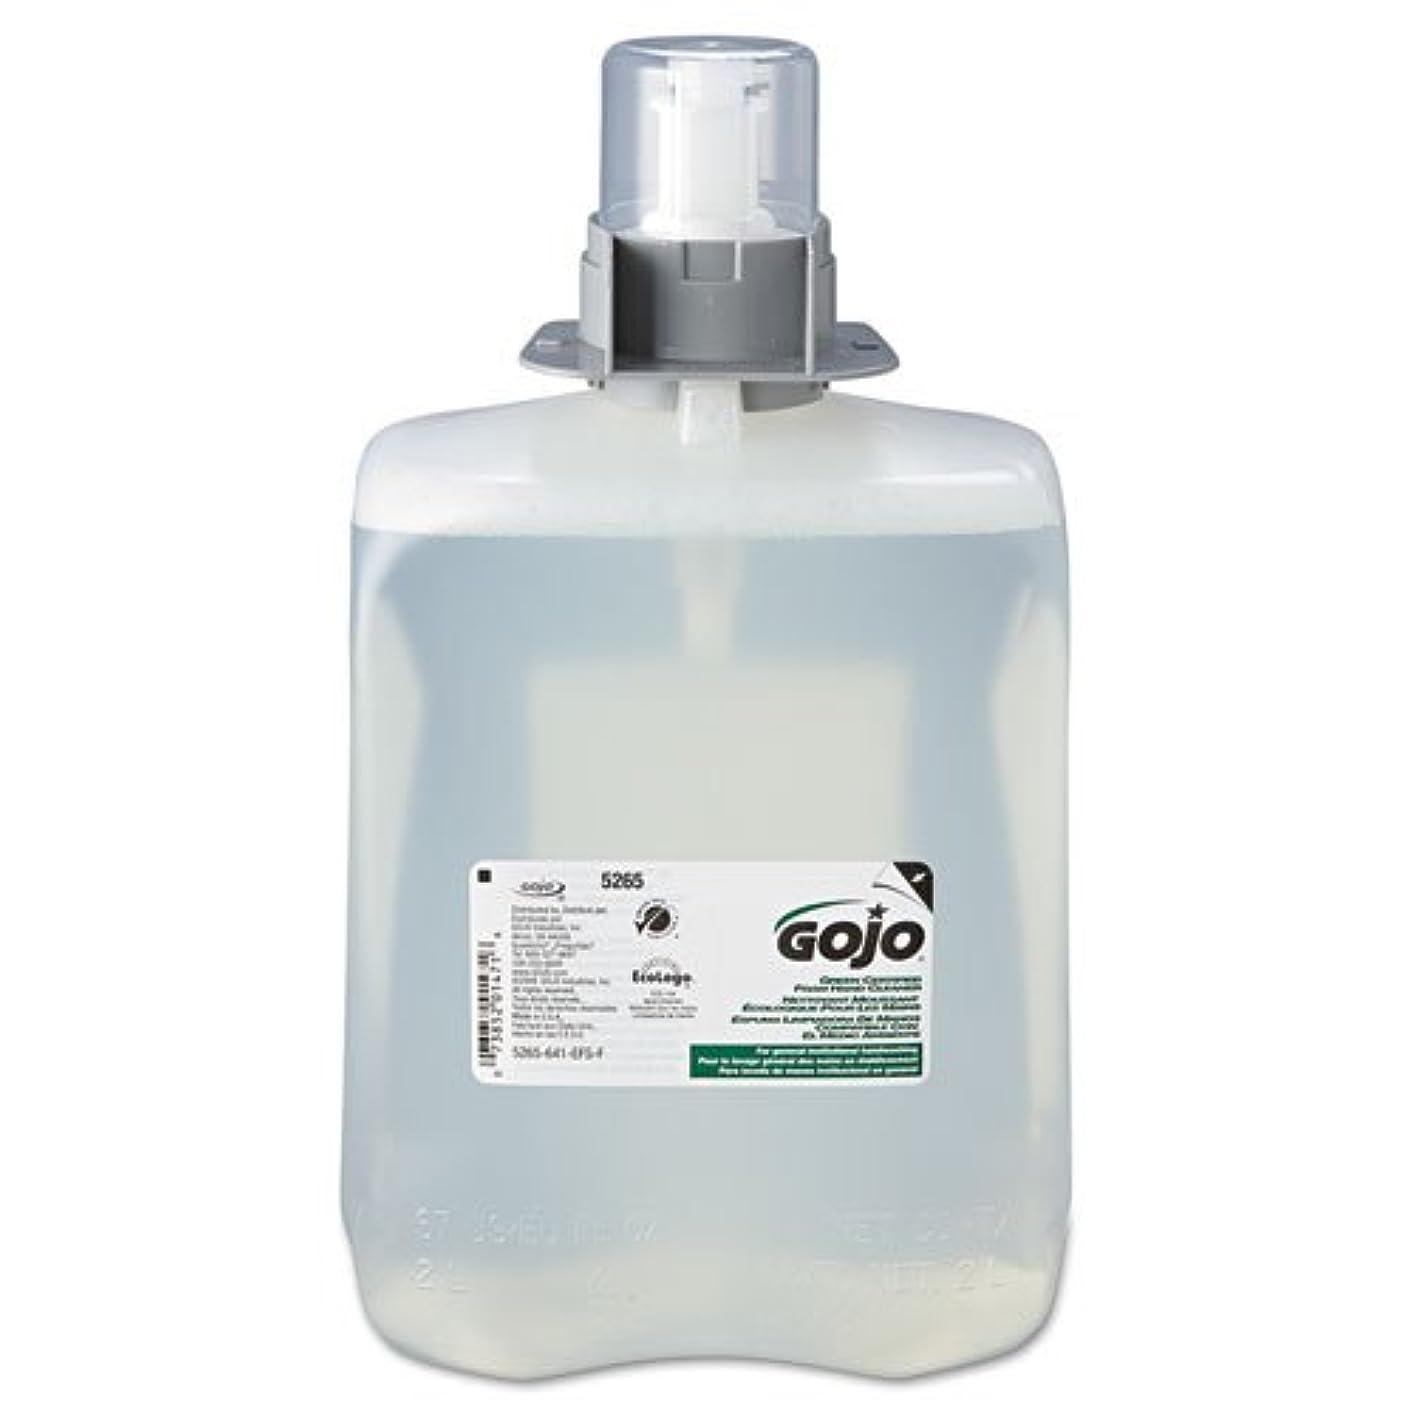 ボーカル平野その結果goj526502 – グリーン認定Foam Hand Cleaner